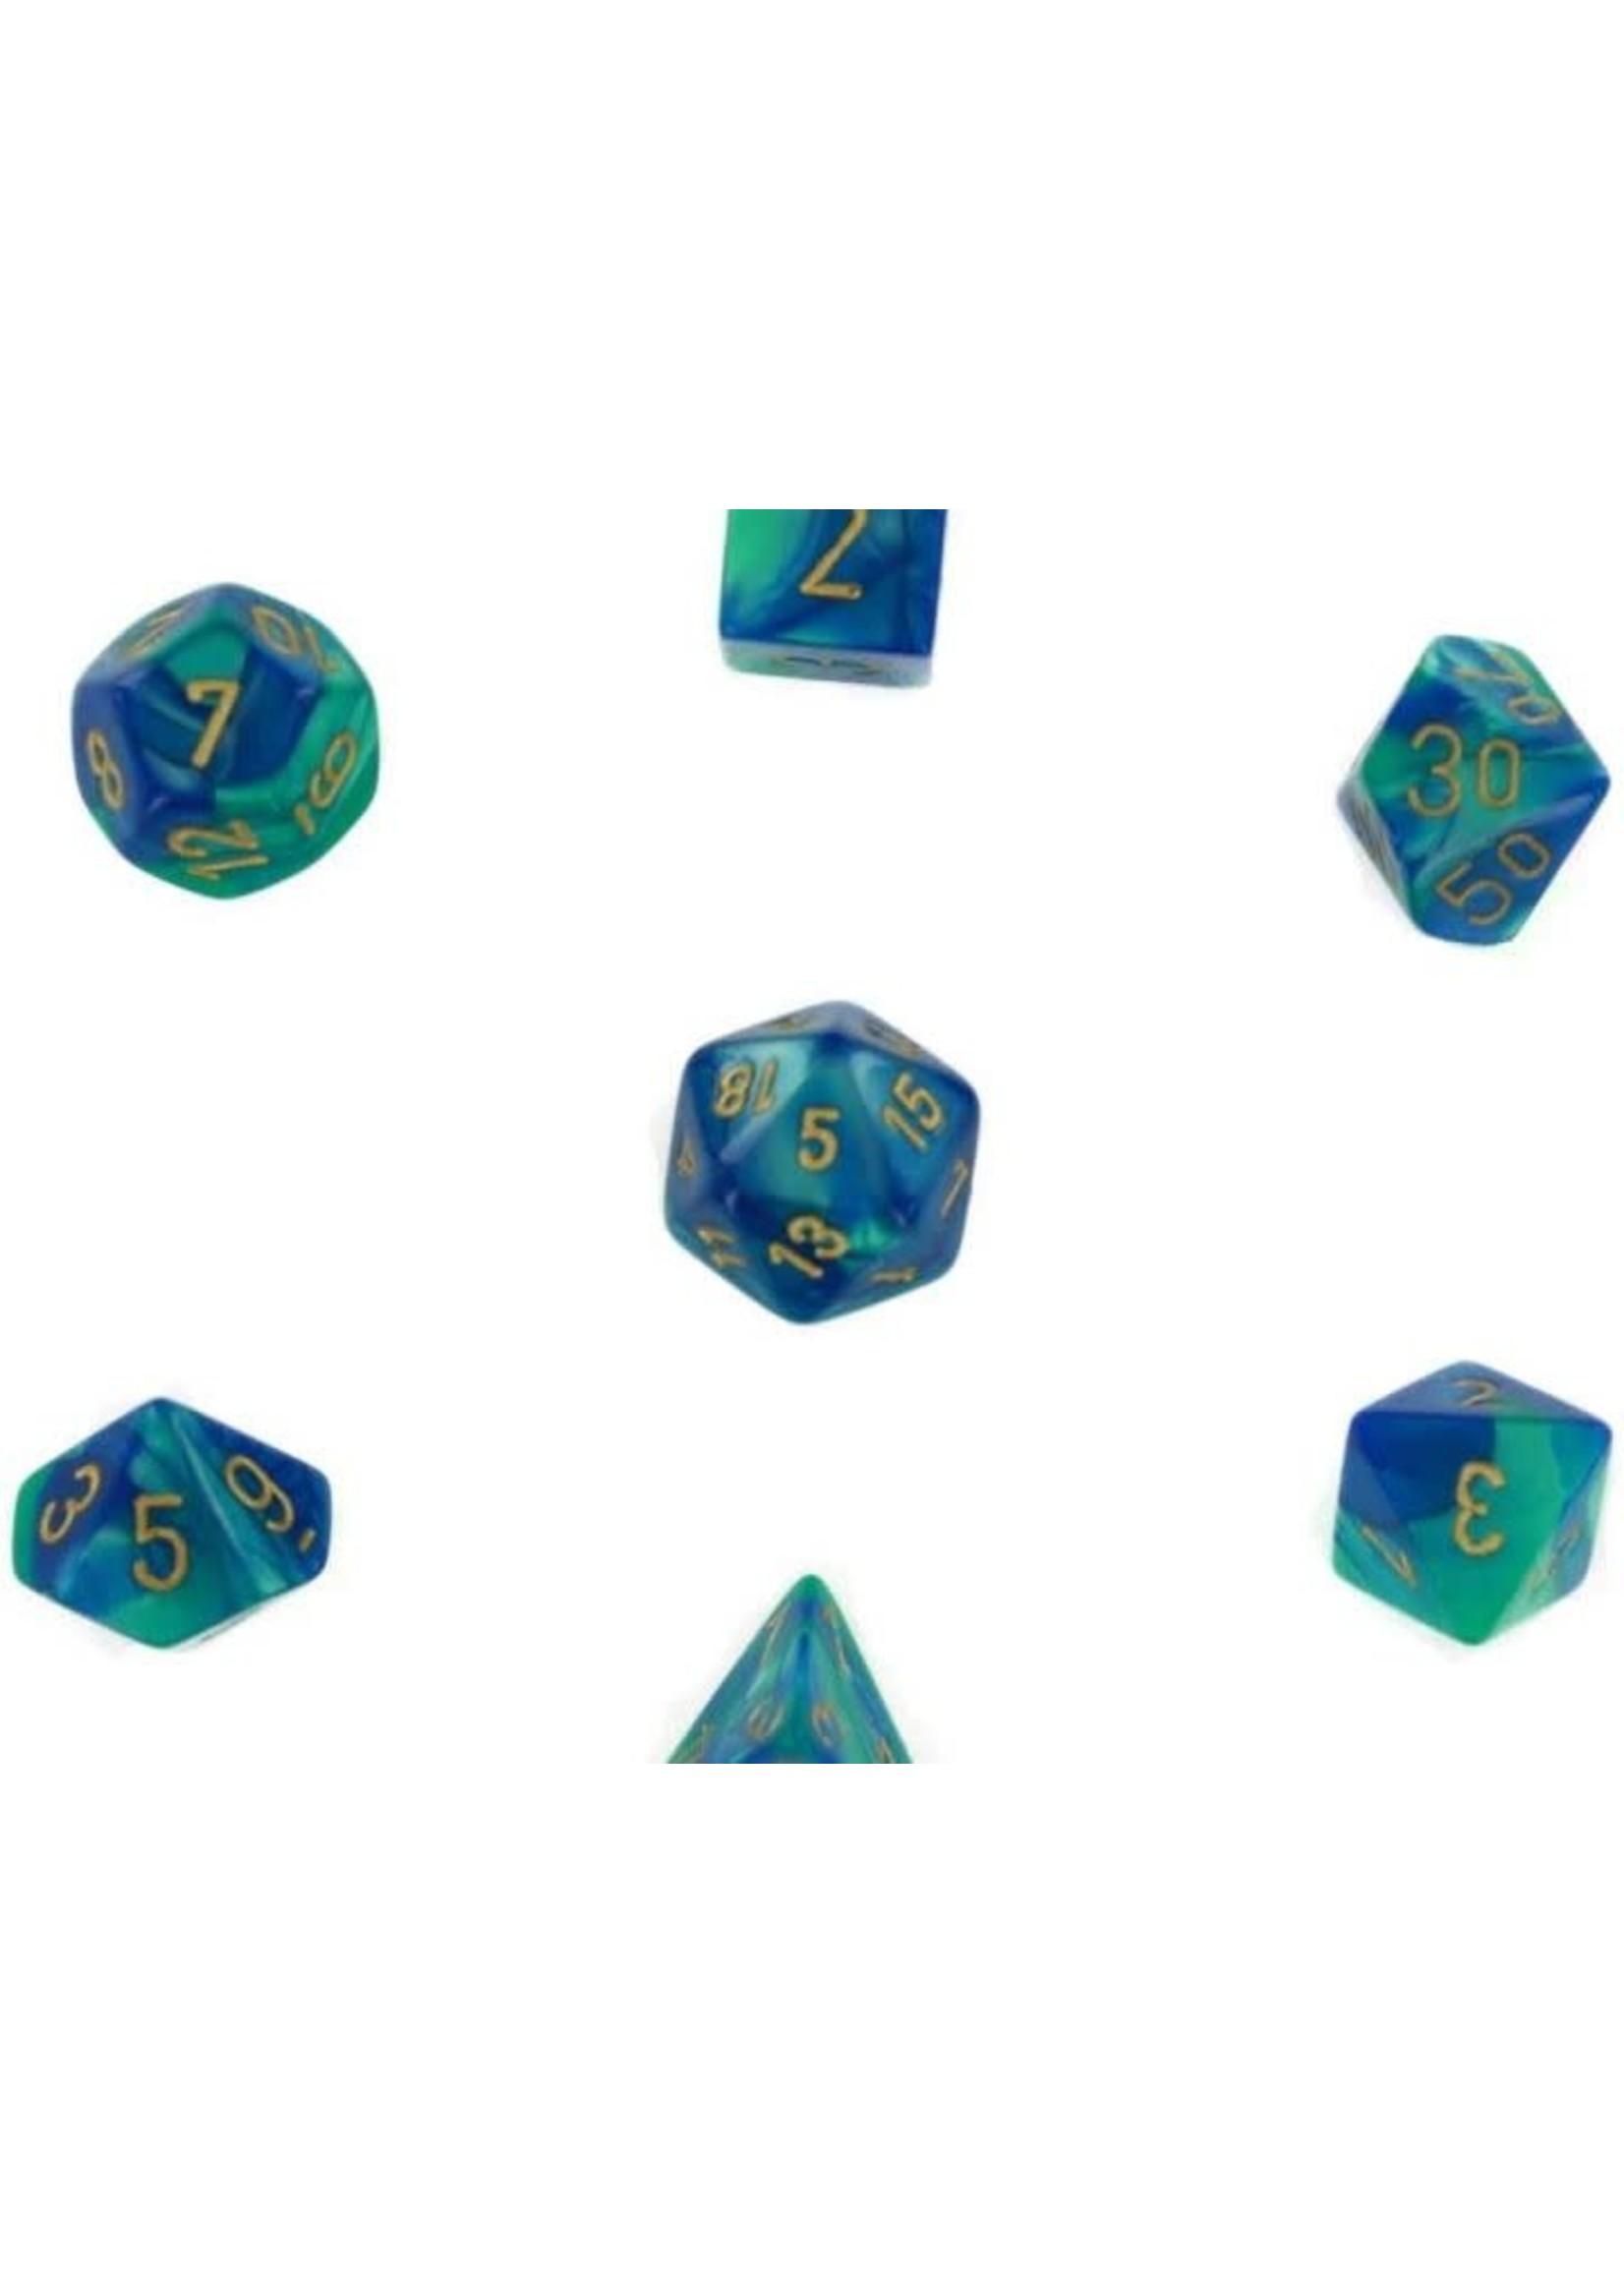 Gemini Polyhedral 7-Die Sets - Blue-Teal W/Gold